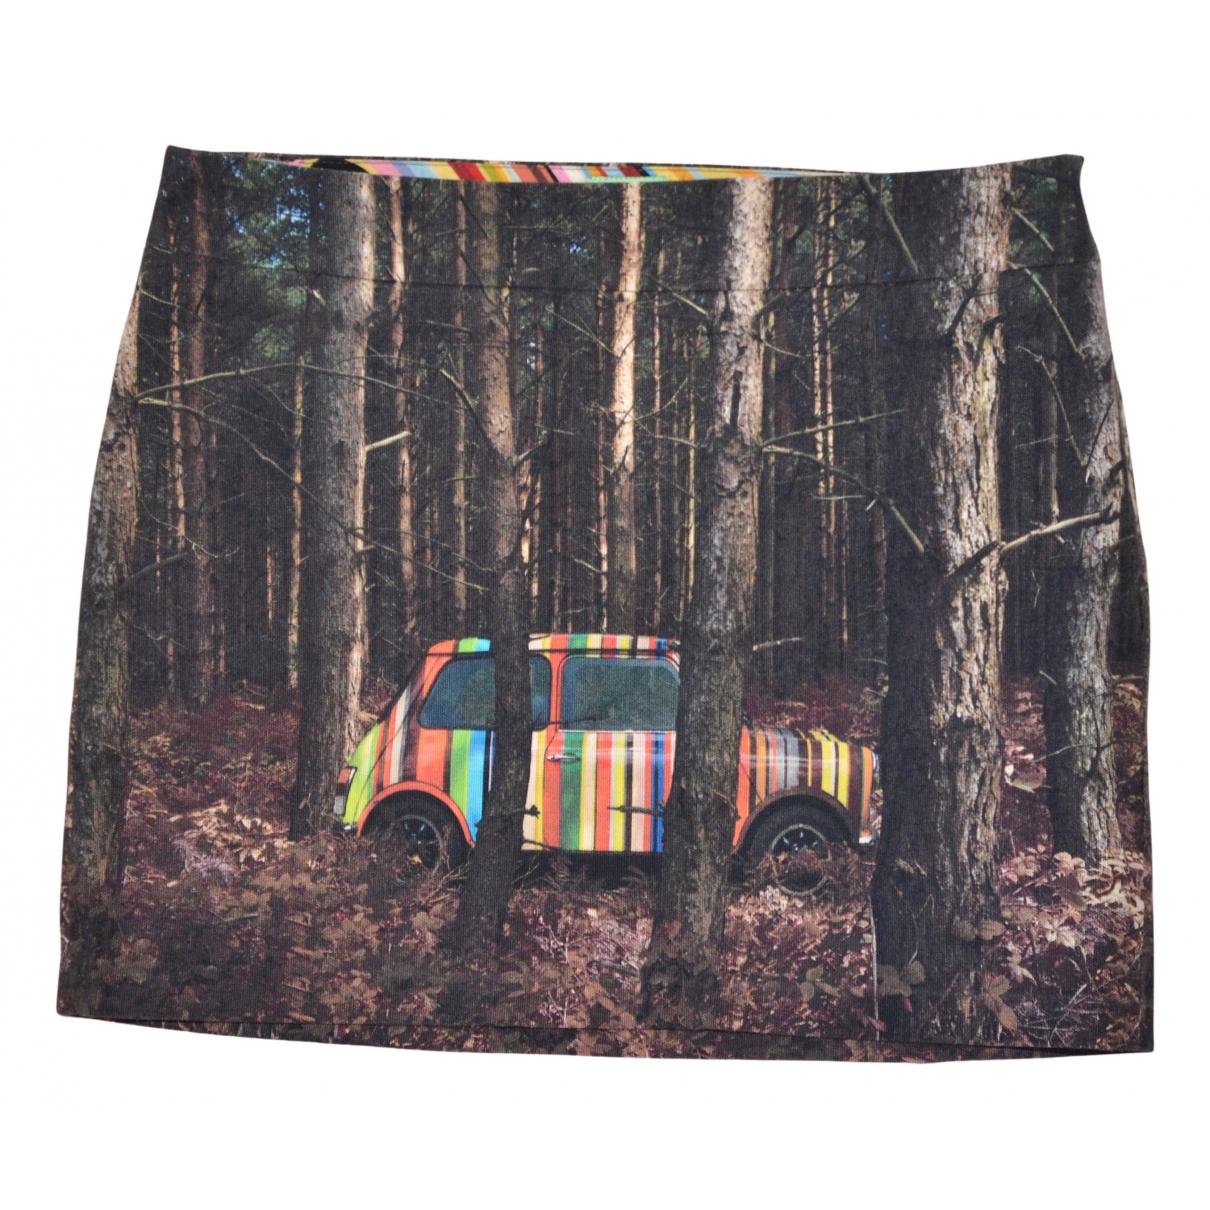 Paul Smith N Multicolour Cotton skirt for Women 40 FR